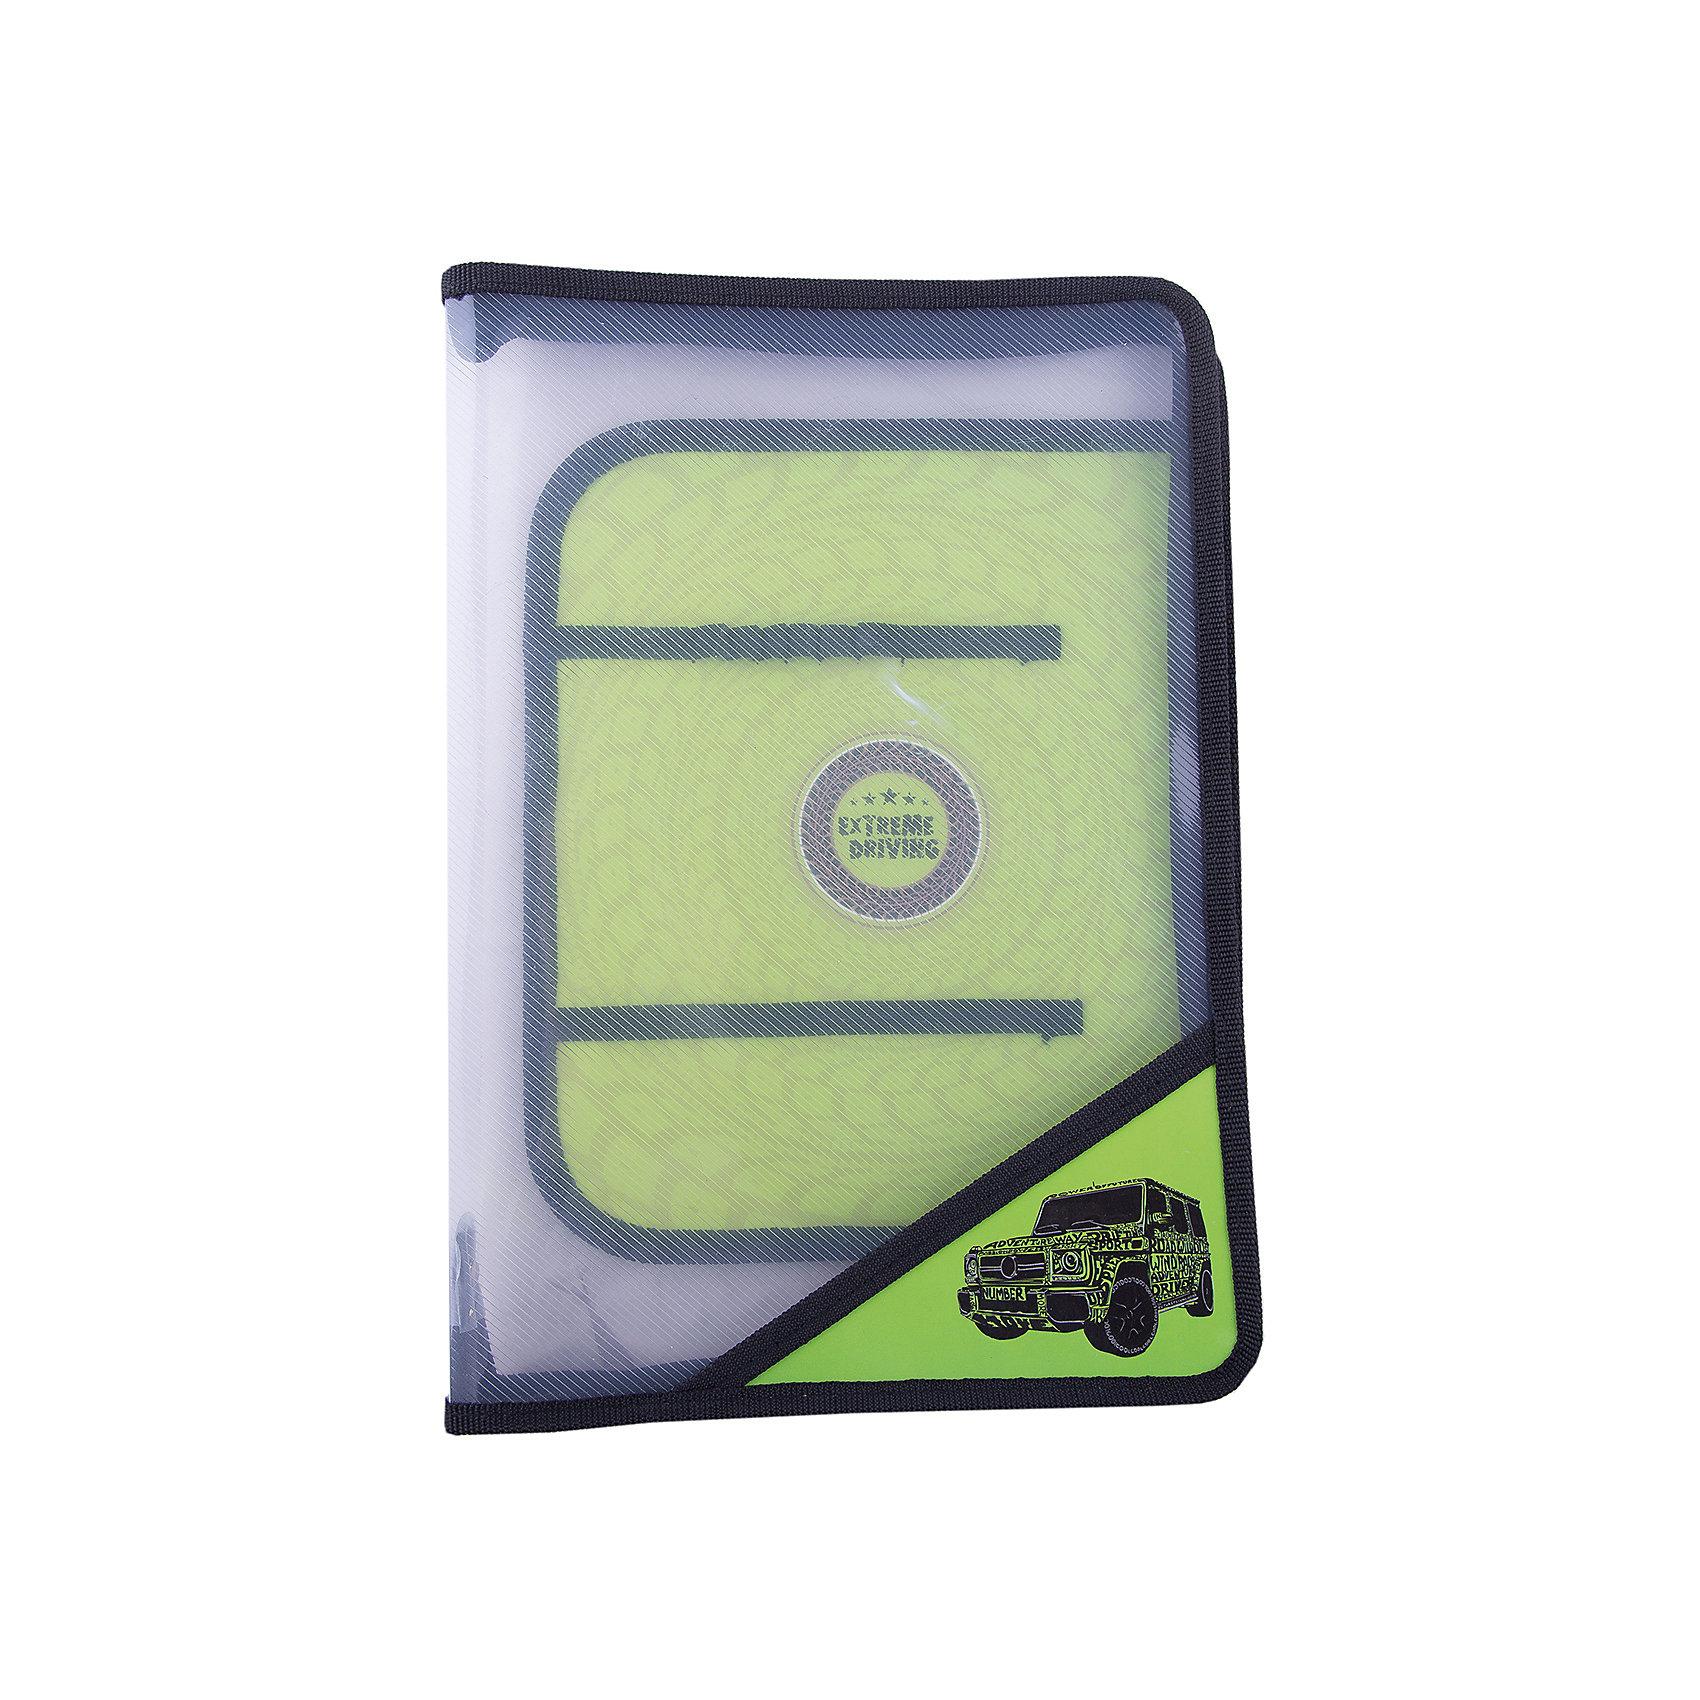 Папка для уроков труда Джип на зеленомФеникс+Папки для труда<br>Папка д /уроков труда пластиковая ДЖИП НА ЗЕЛЕНОМ (А4, на молнии, внутр. блок. для канц. принадлежностей, 33х23,3 см)<br><br>Ширина мм: 480<br>Глубина мм: 330<br>Высота мм: 5<br>Вес г: 140<br>Возраст от месяцев: 72<br>Возраст до месяцев: 2147483647<br>Пол: Унисекс<br>Возраст: Детский<br>SKU: 7046299